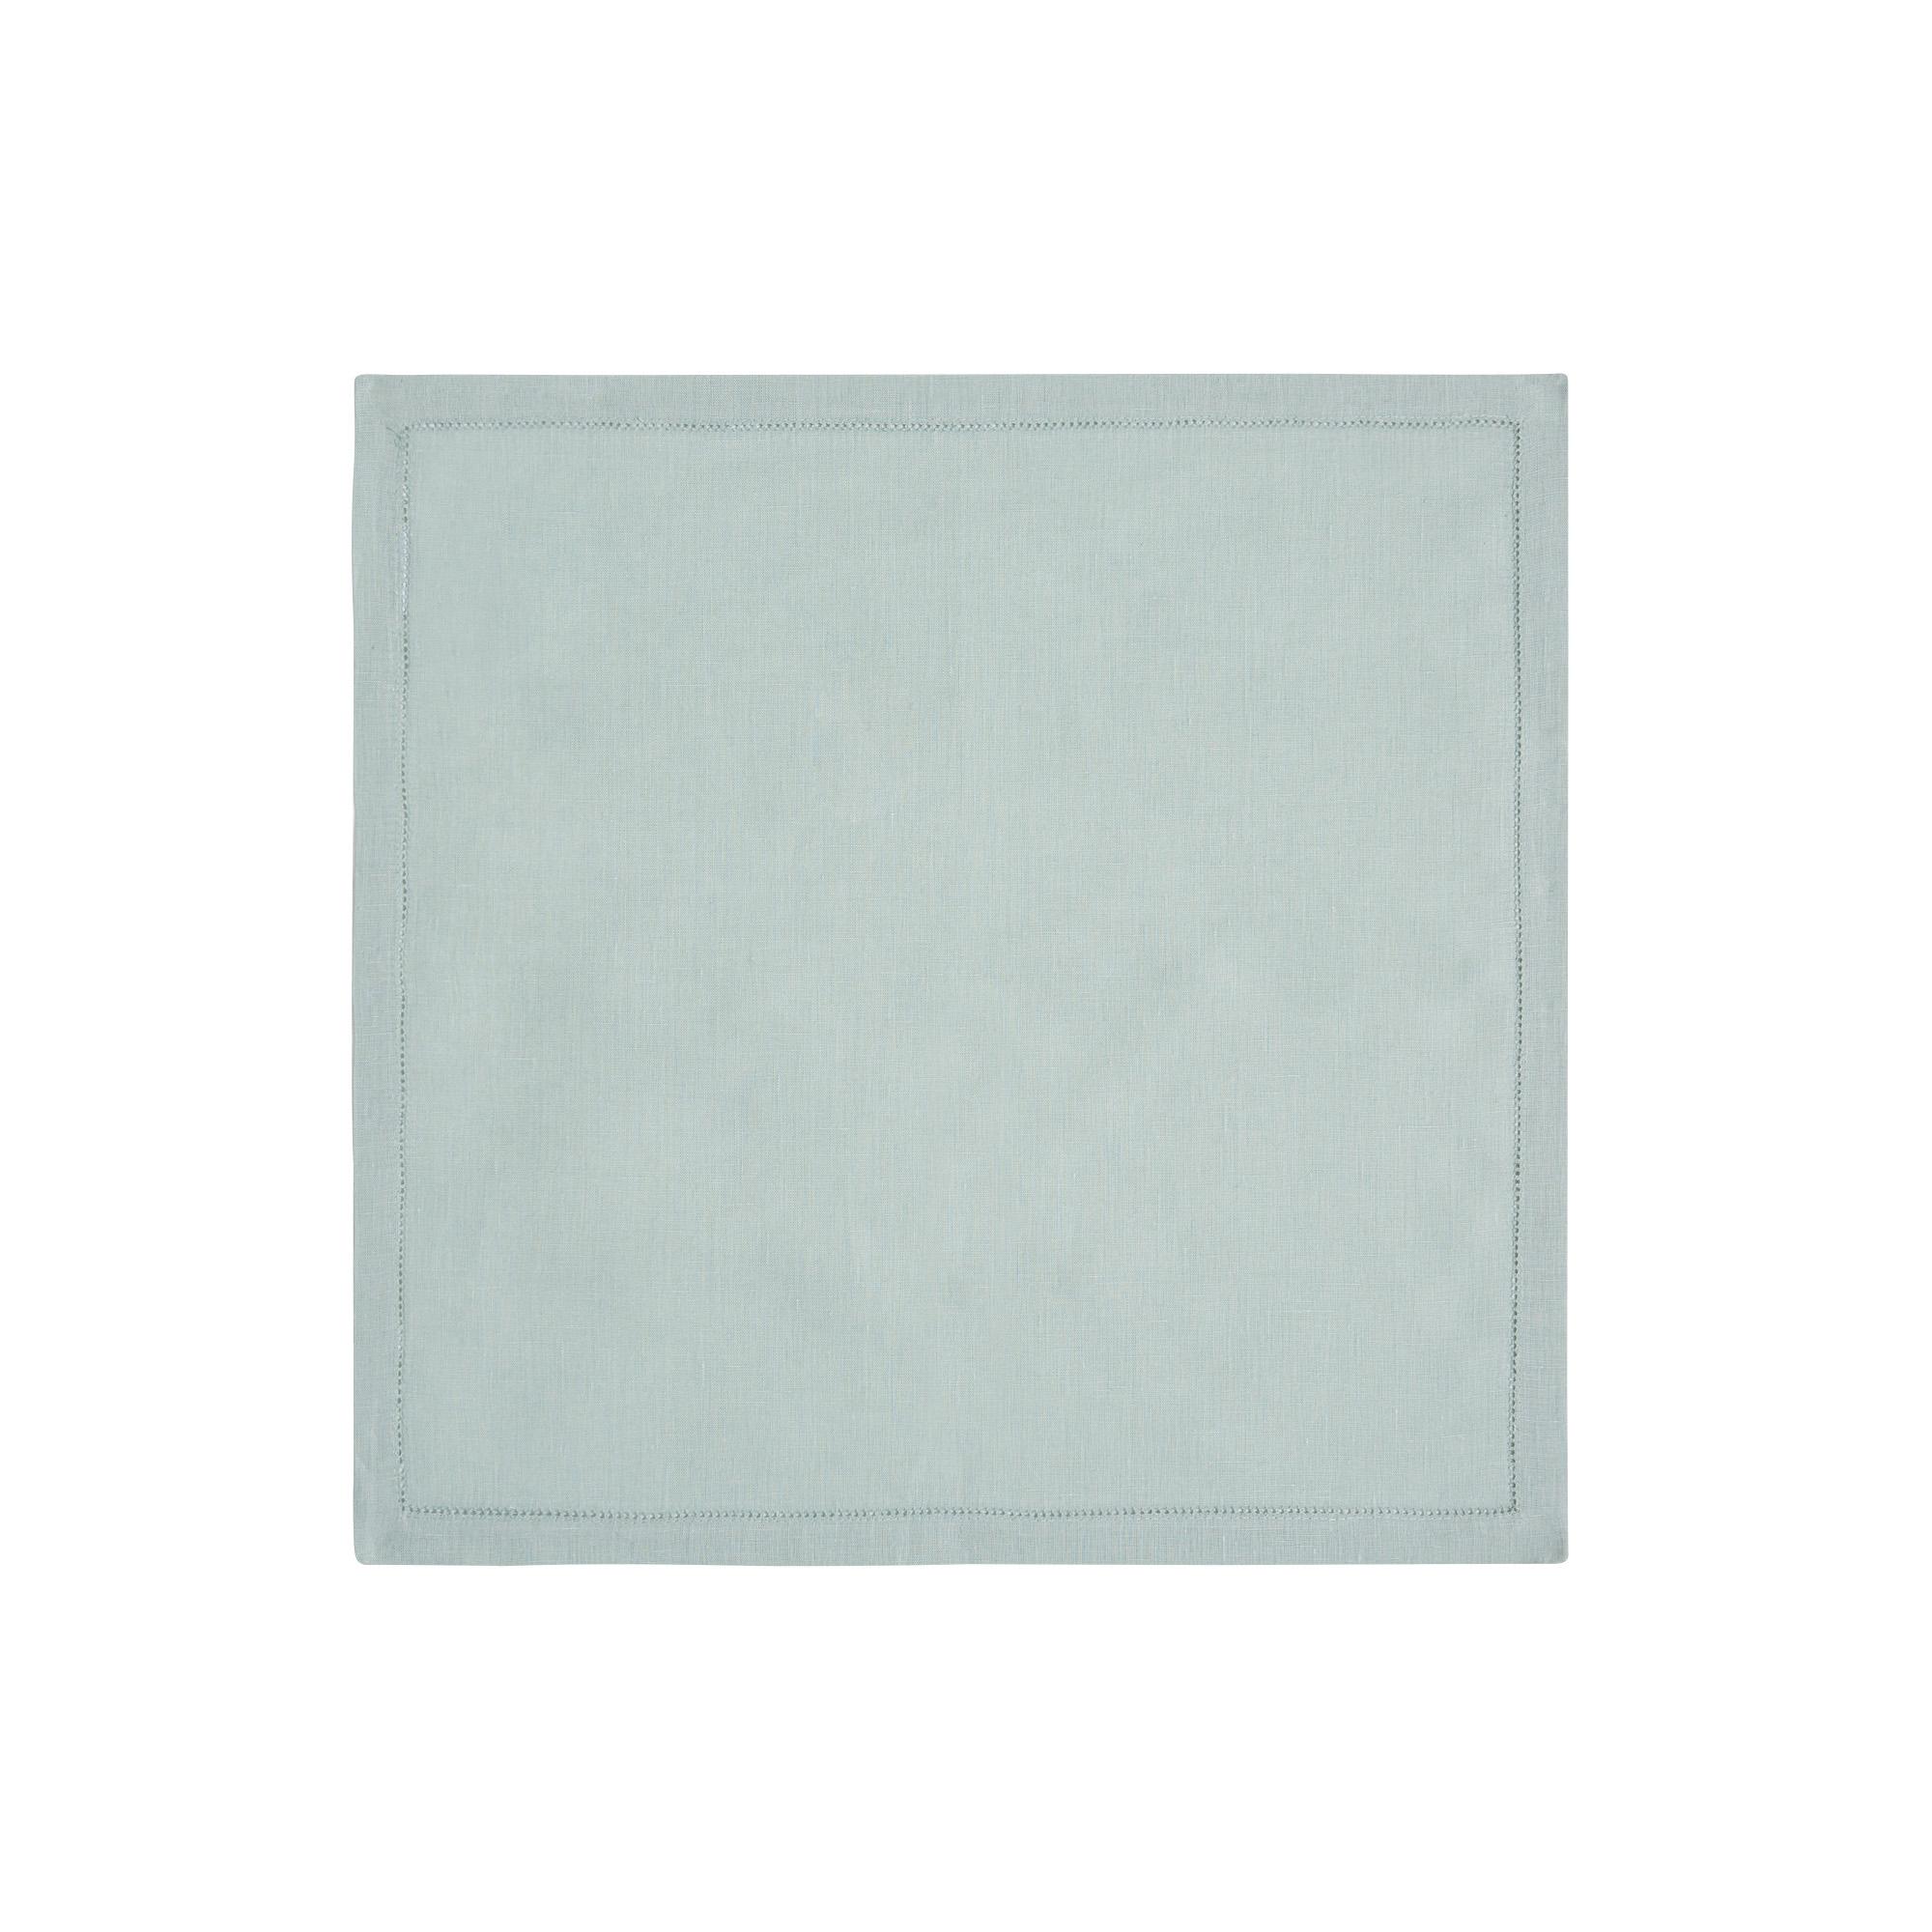 Serviette de table en lin vert sauge 45x45